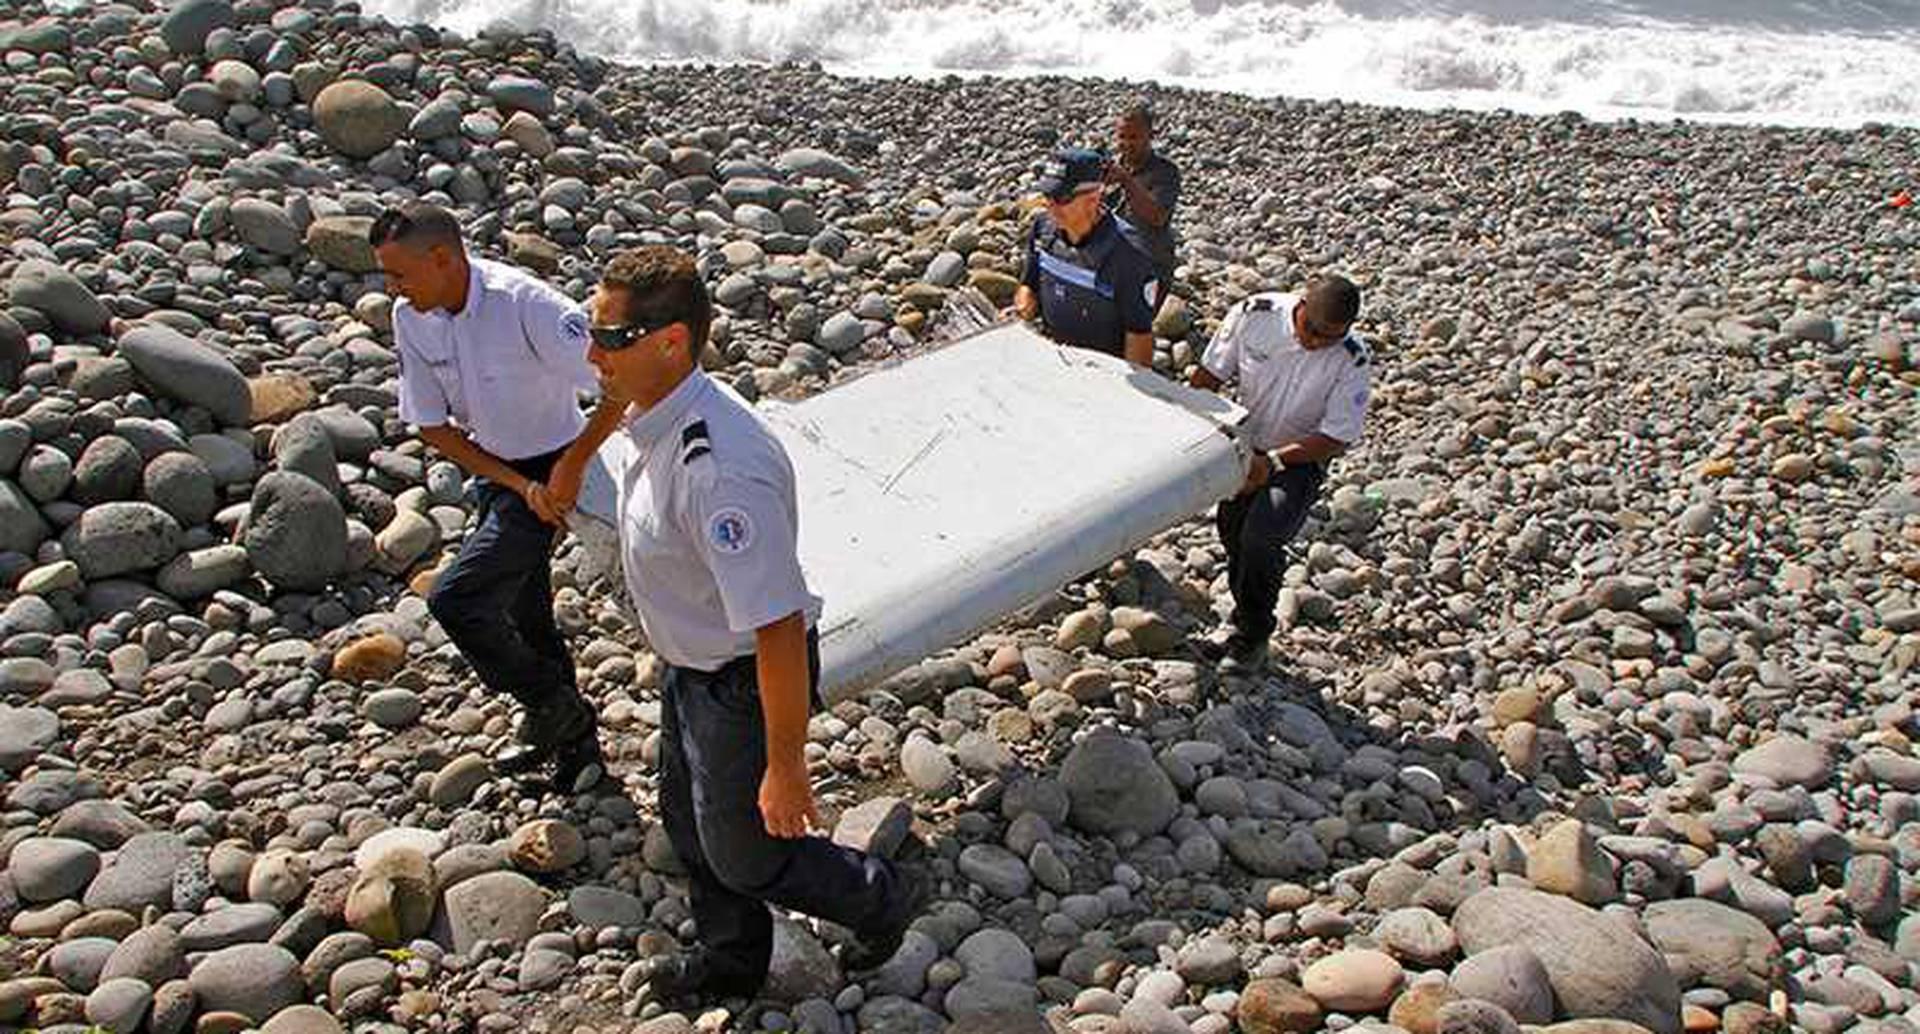 El 8 de marzo del 2014, el vuelo 370 de Malasya Airlines desapareció en el Océano Índico. El avión llevaba 227 pasajeros y 12 personas de tripulación. Intensas operaciones de búsqueda se sucedieron sin mucho éxito, y dos años después las causas del accidente aún no han sido esclarecidas.